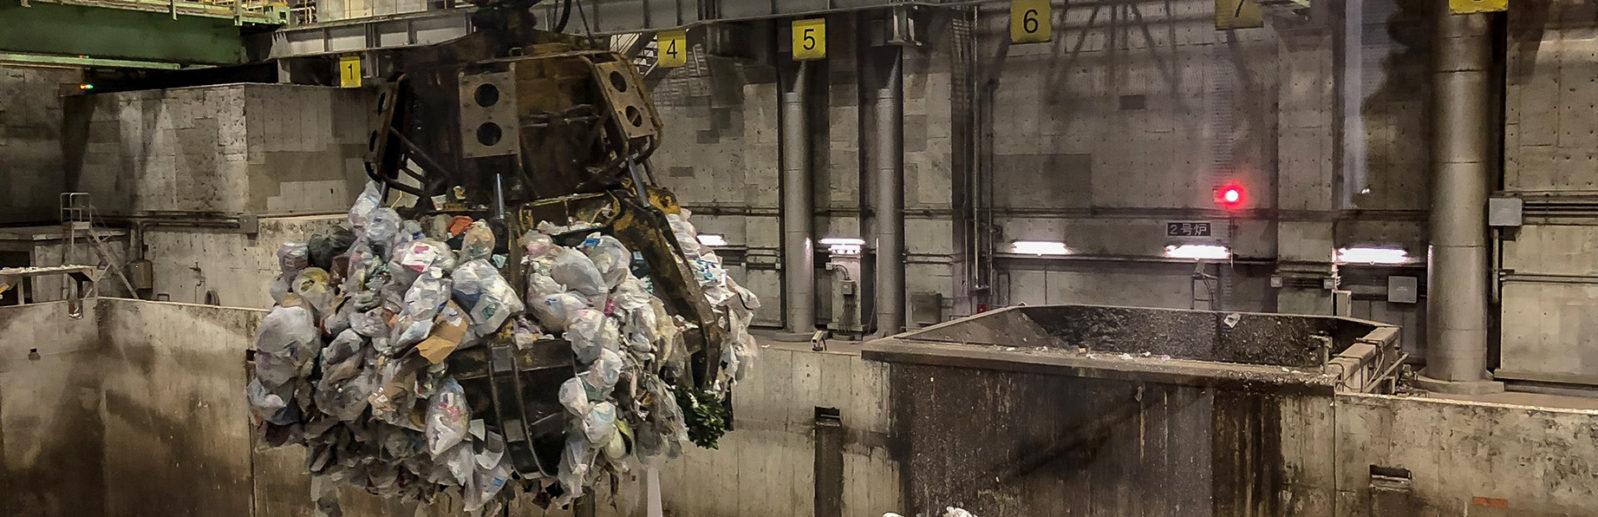 мусороперерабатывающий завод в каменке